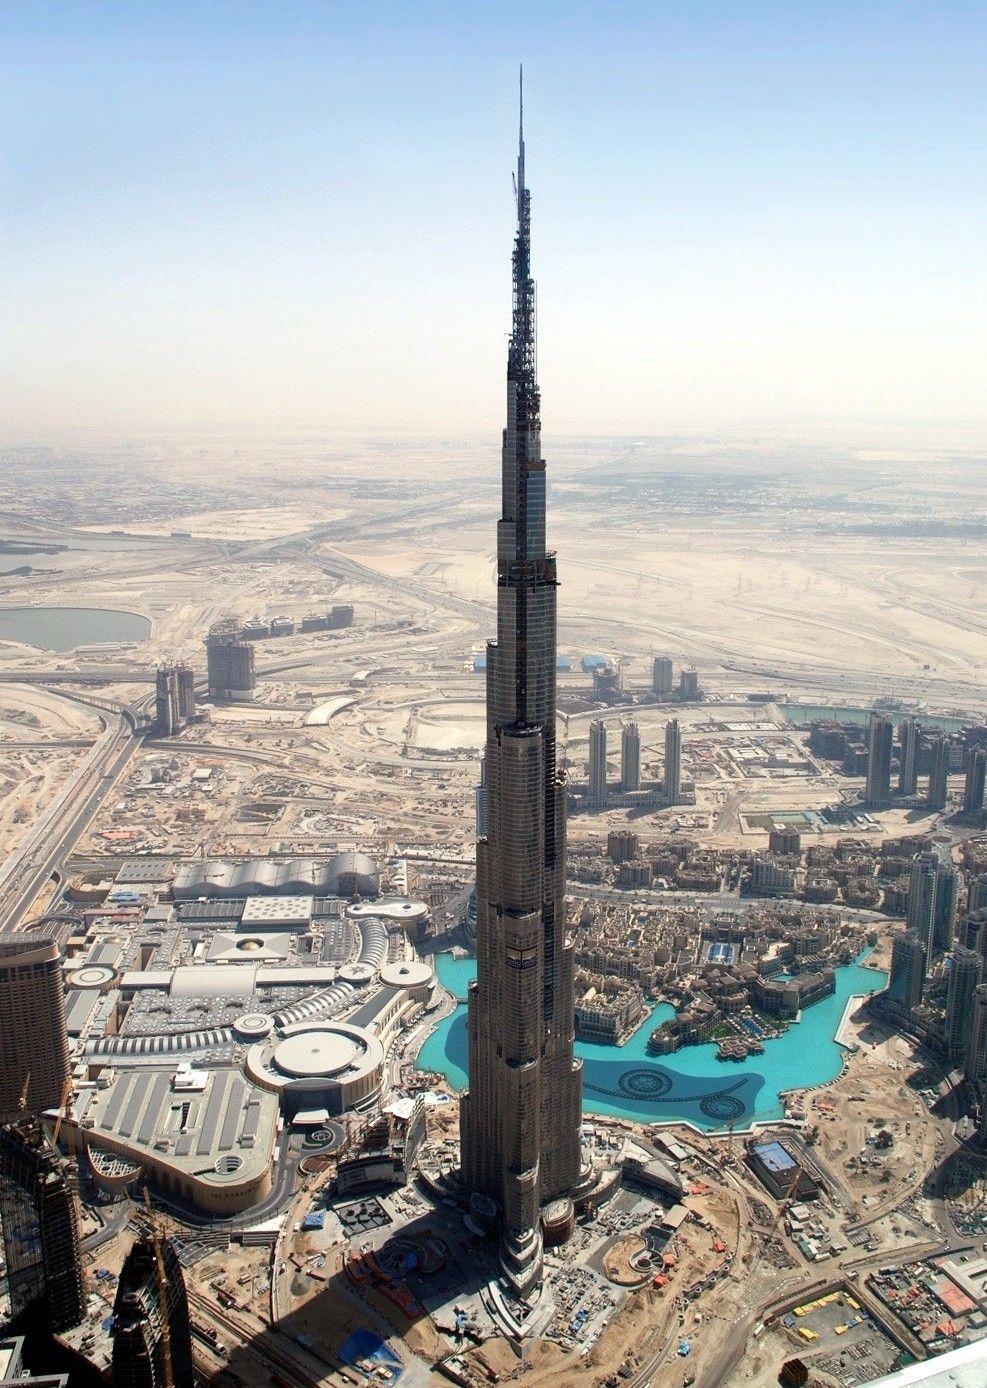 Amazing Burj Dubai Skyscrapers In Hd Wallpaper With Burj Dubai